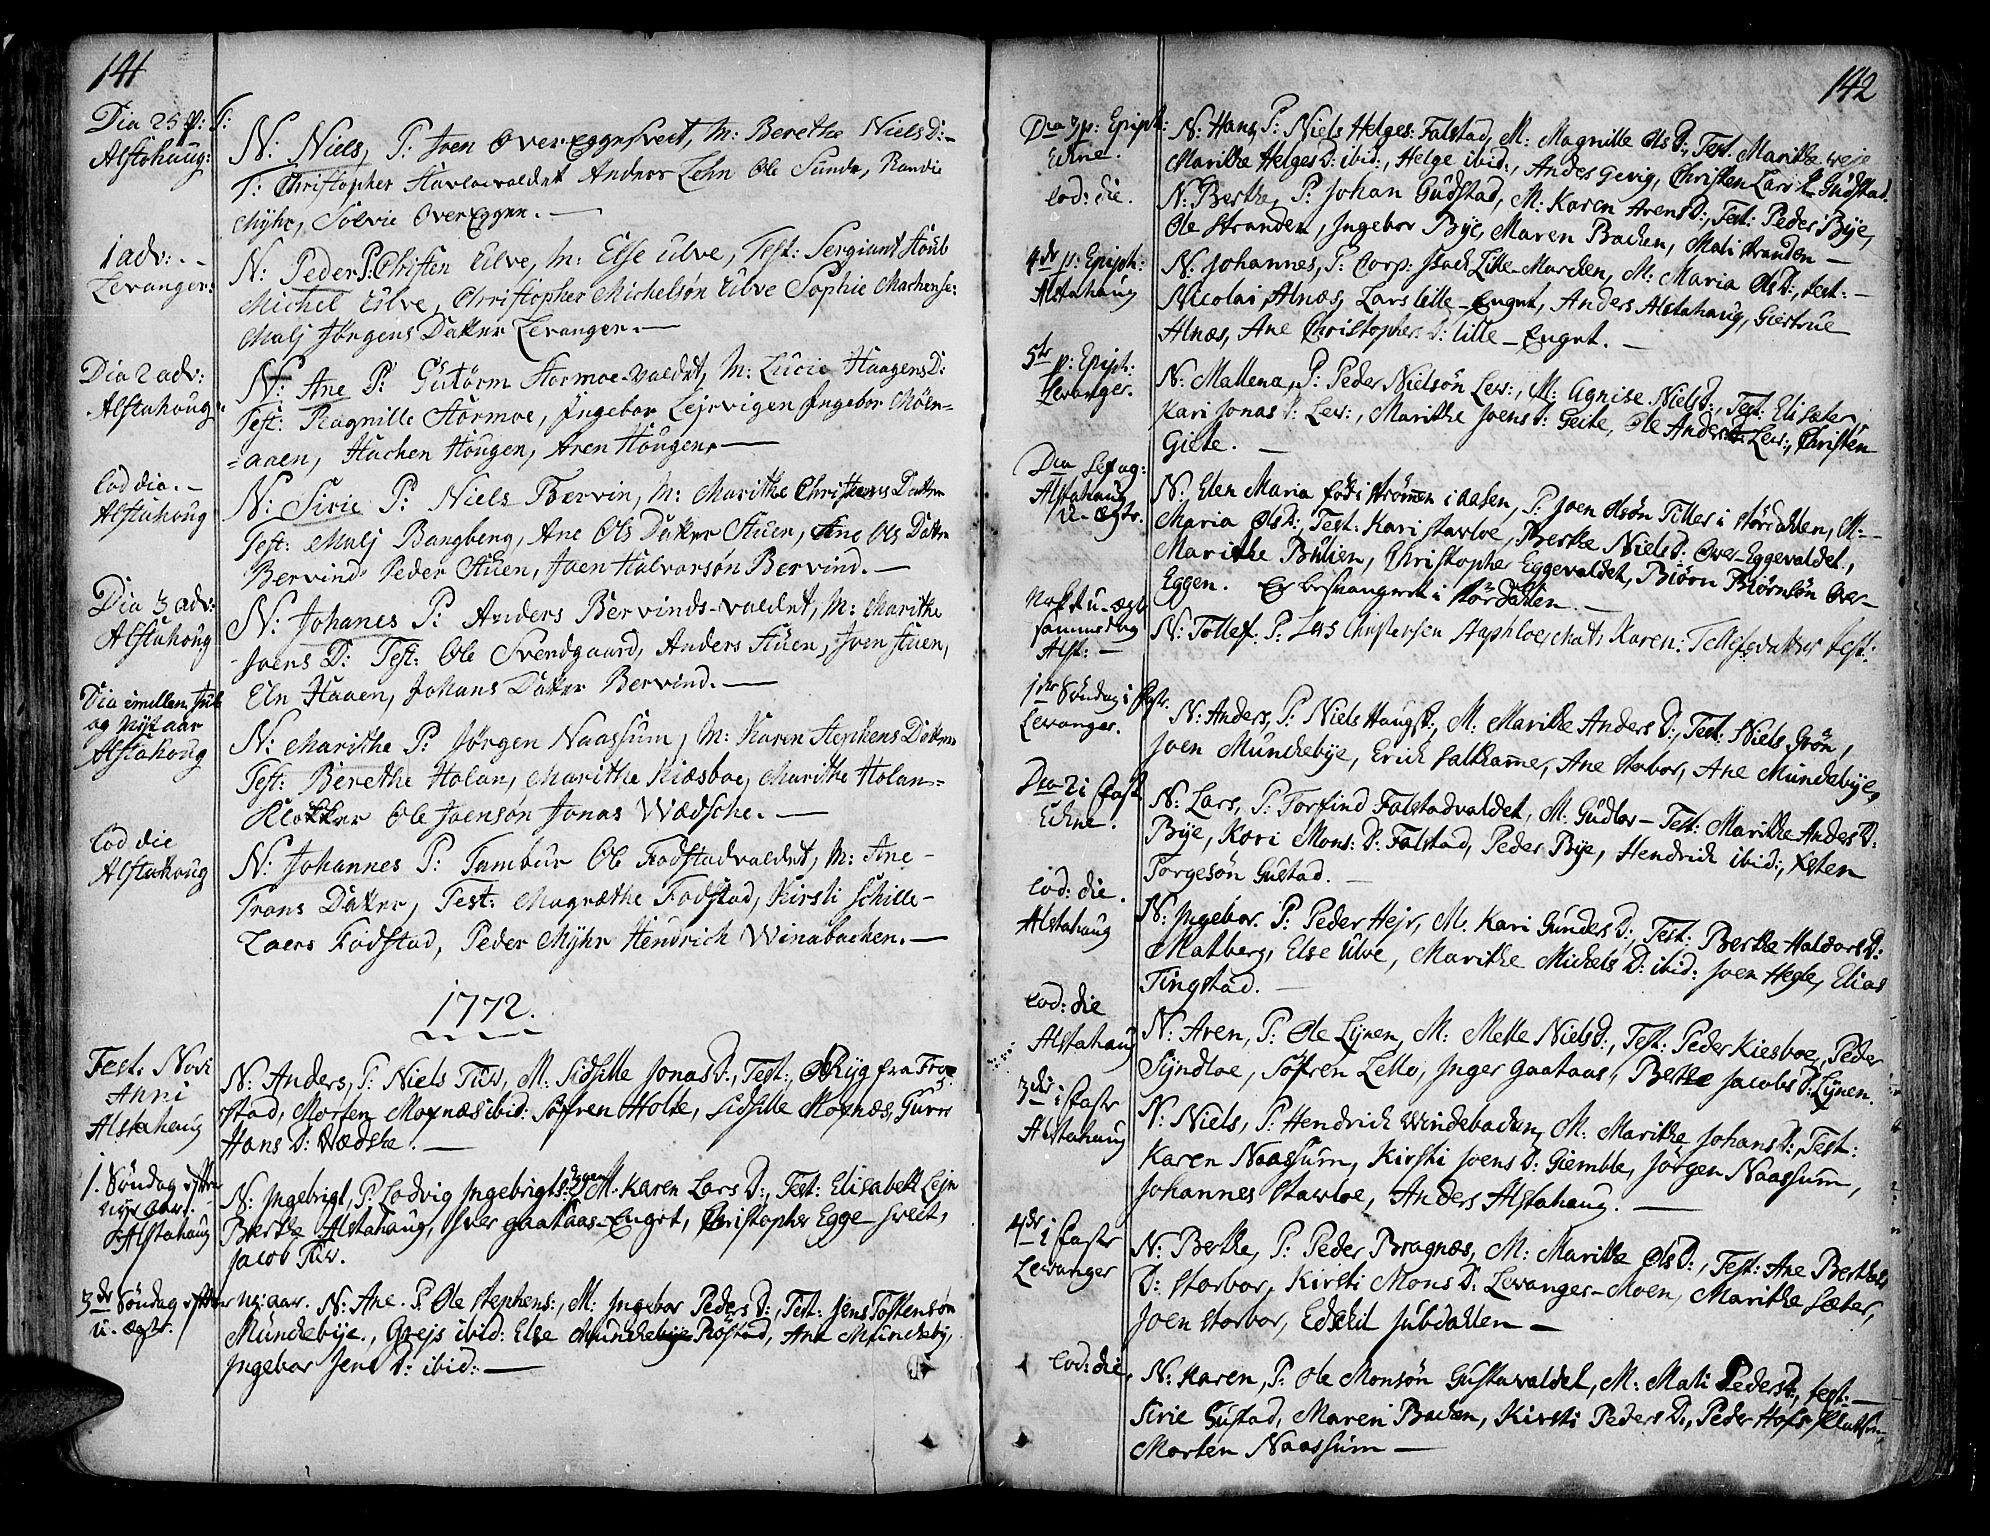 SAT, Ministerialprotokoller, klokkerbøker og fødselsregistre - Nord-Trøndelag, 717/L0141: Ministerialbok nr. 717A01, 1747-1803, s. 141-142